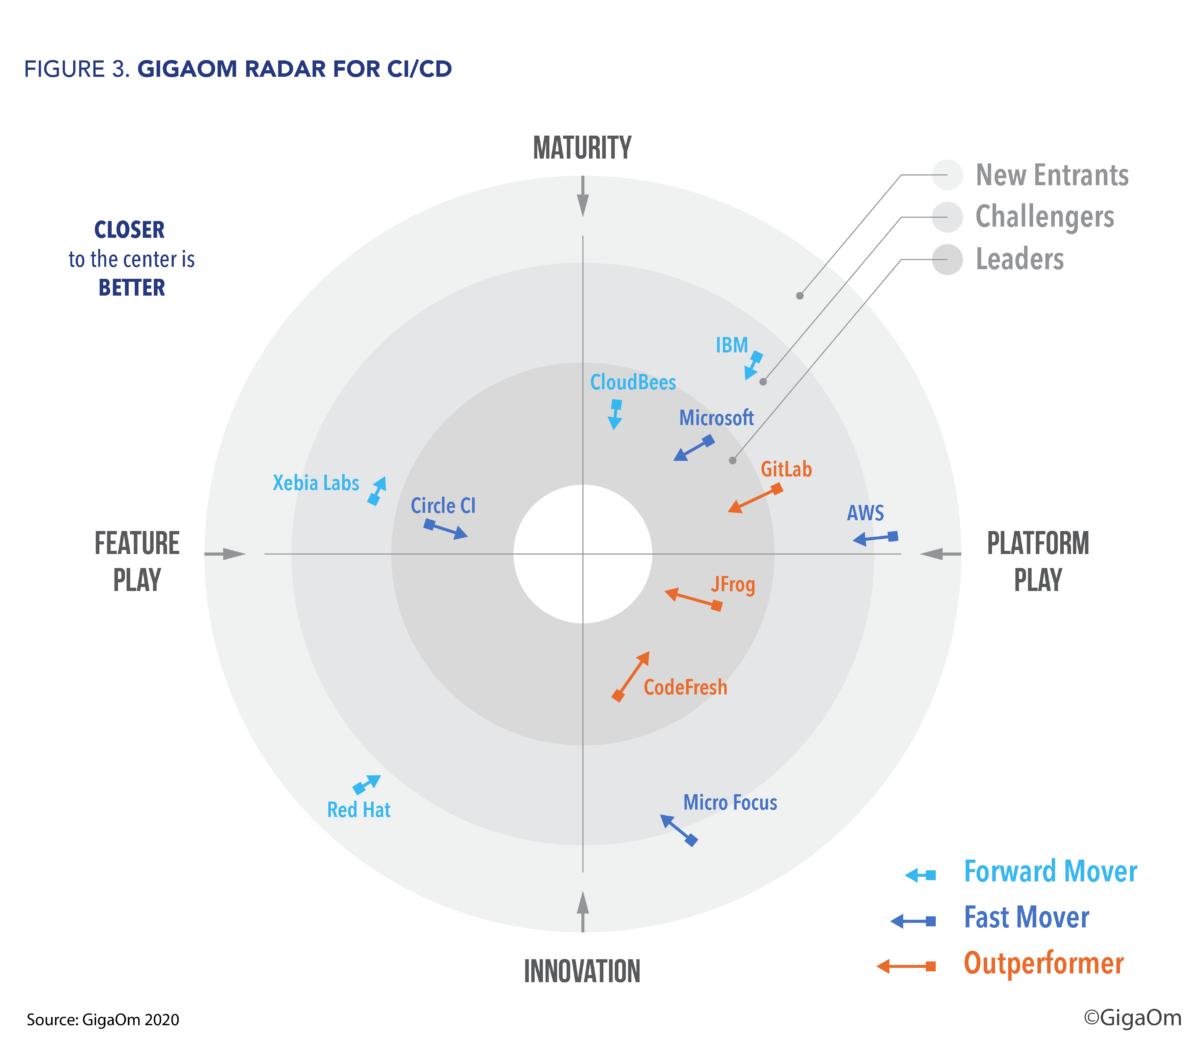 Radar for CICDv2_Fig 3